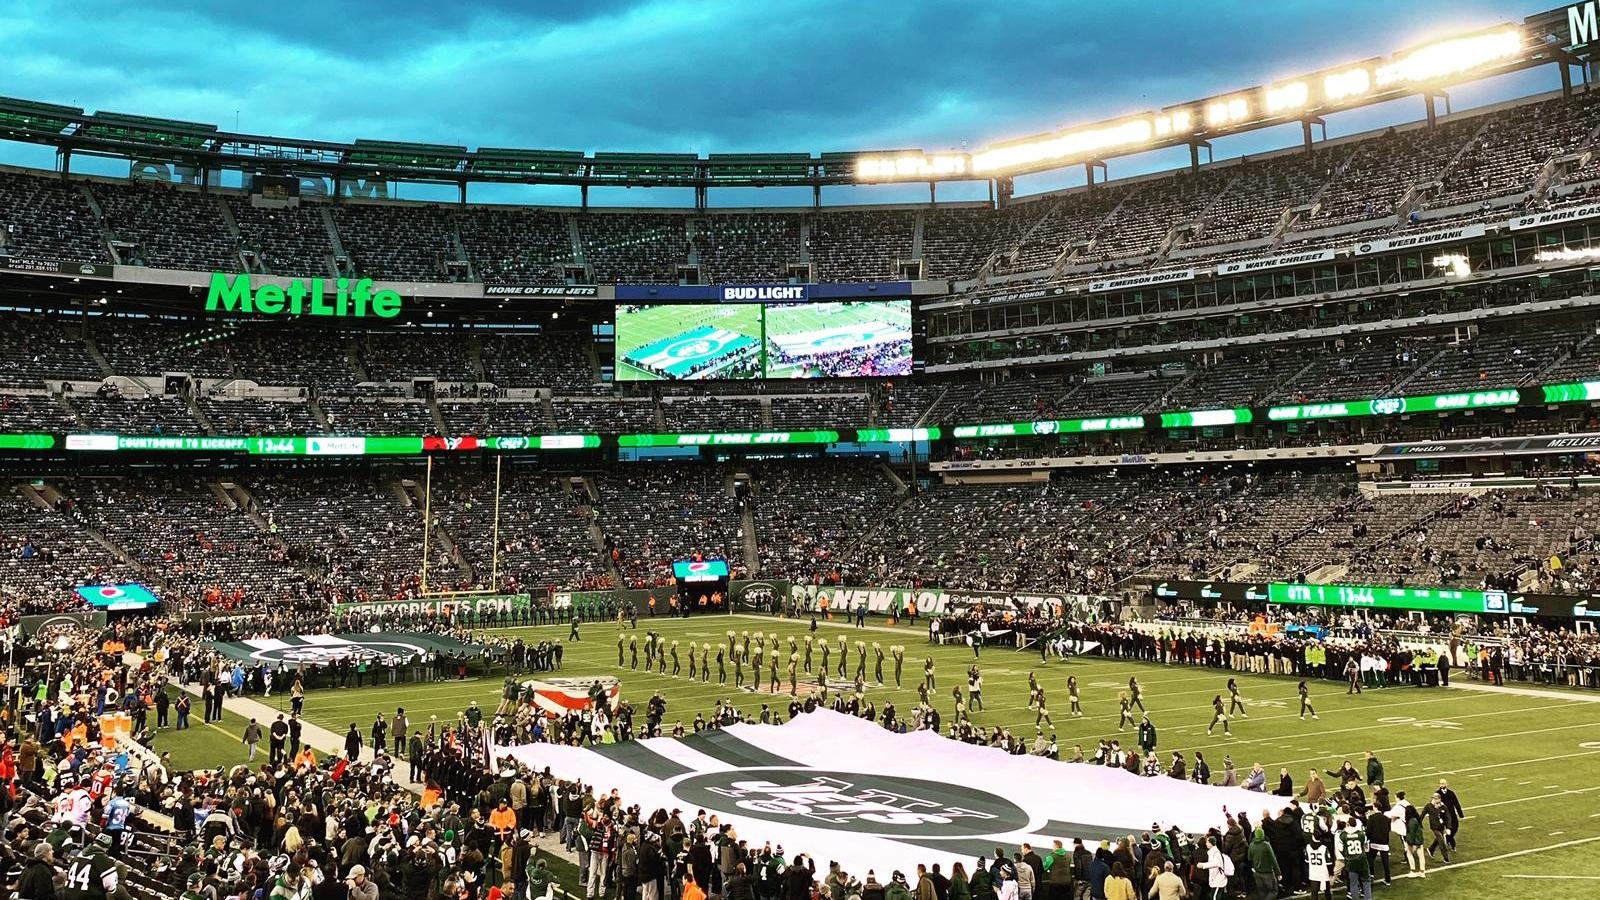 MetLife Stadium - Jets delar arena med lokalkonkurrenten New York Giants. Klubbarna spelar dock i olika divisioner vilket underlättar schemaläggningen. Med en kapacitet på 82 500 åskådare är MetLife Stadium den största i NFL. Från Manhattan är det enklast att ta sig hit med tåg genom att köpa en biljett till Meadowlands Station hos NJ Transit.